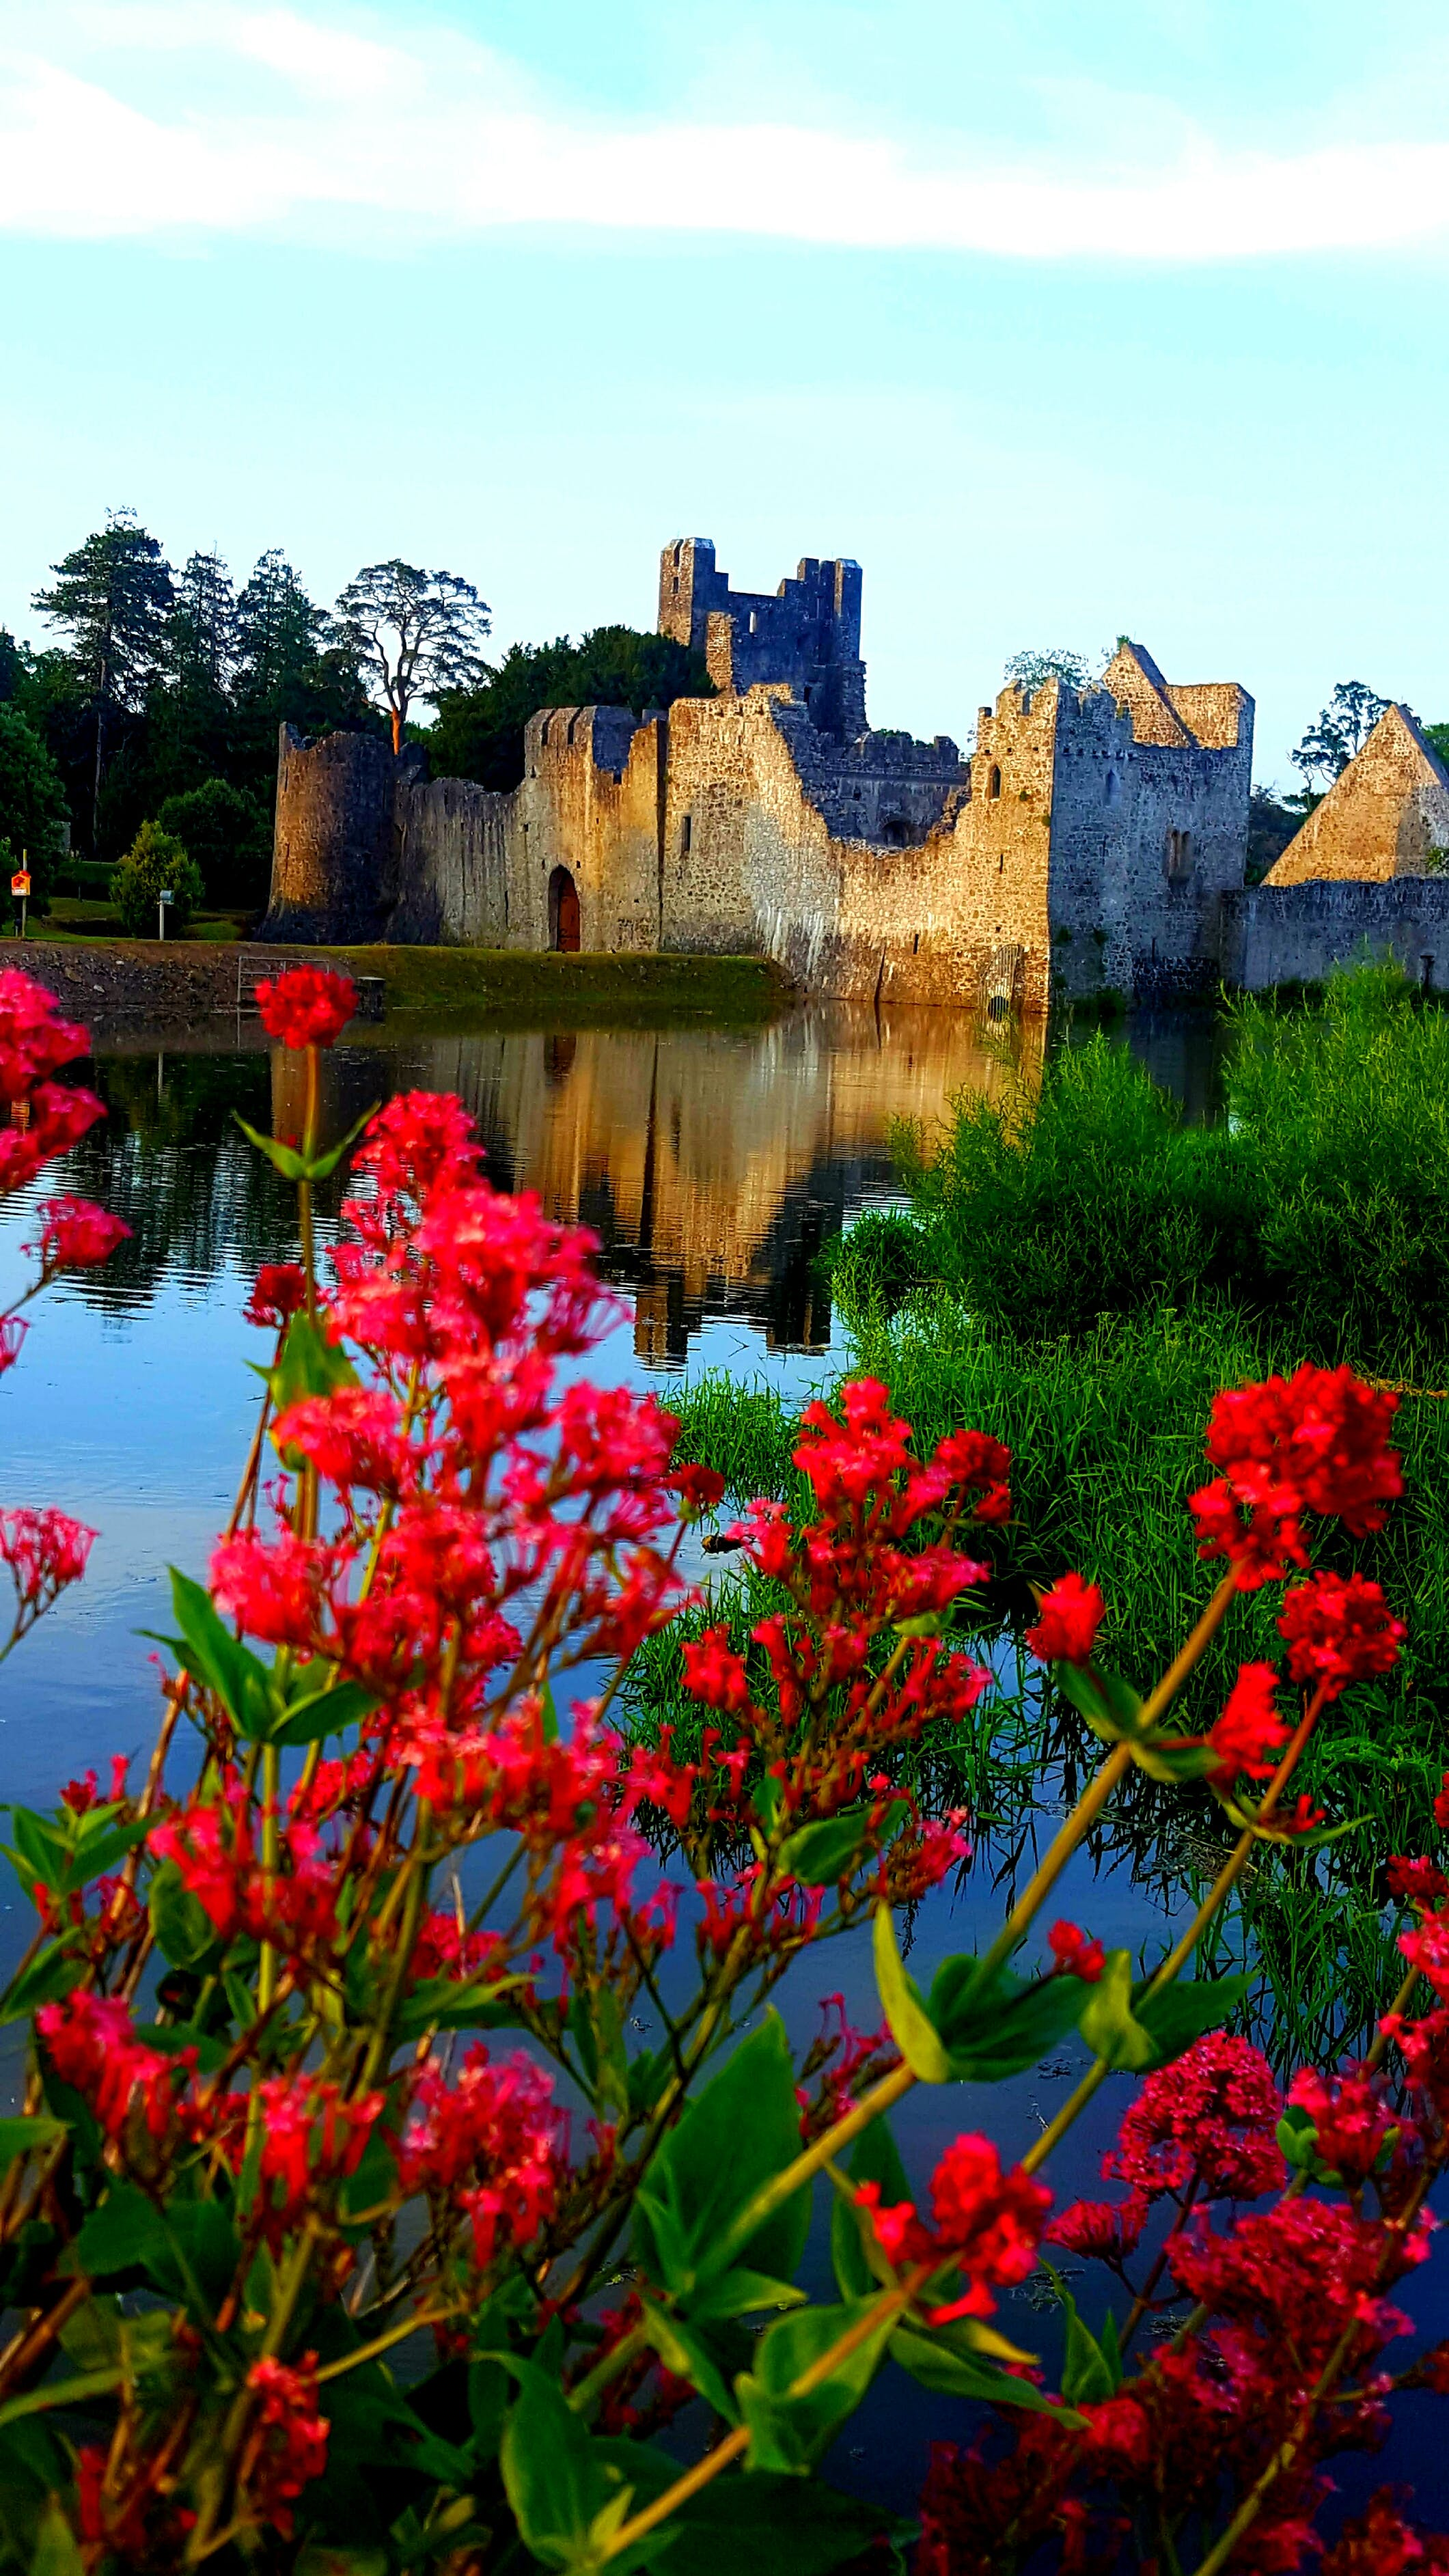 Gratis lagerfoto af irland castle